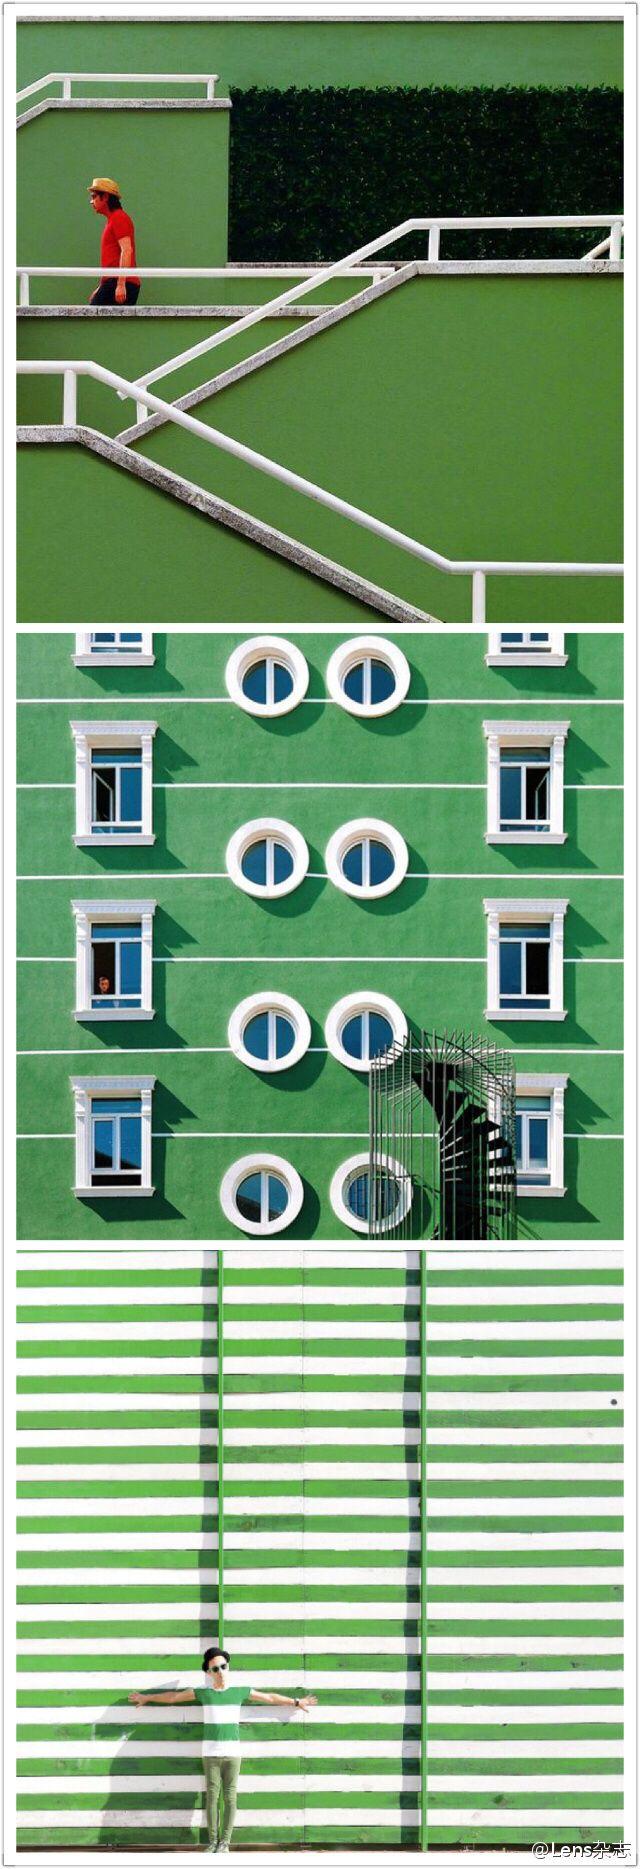 by Yener Torun